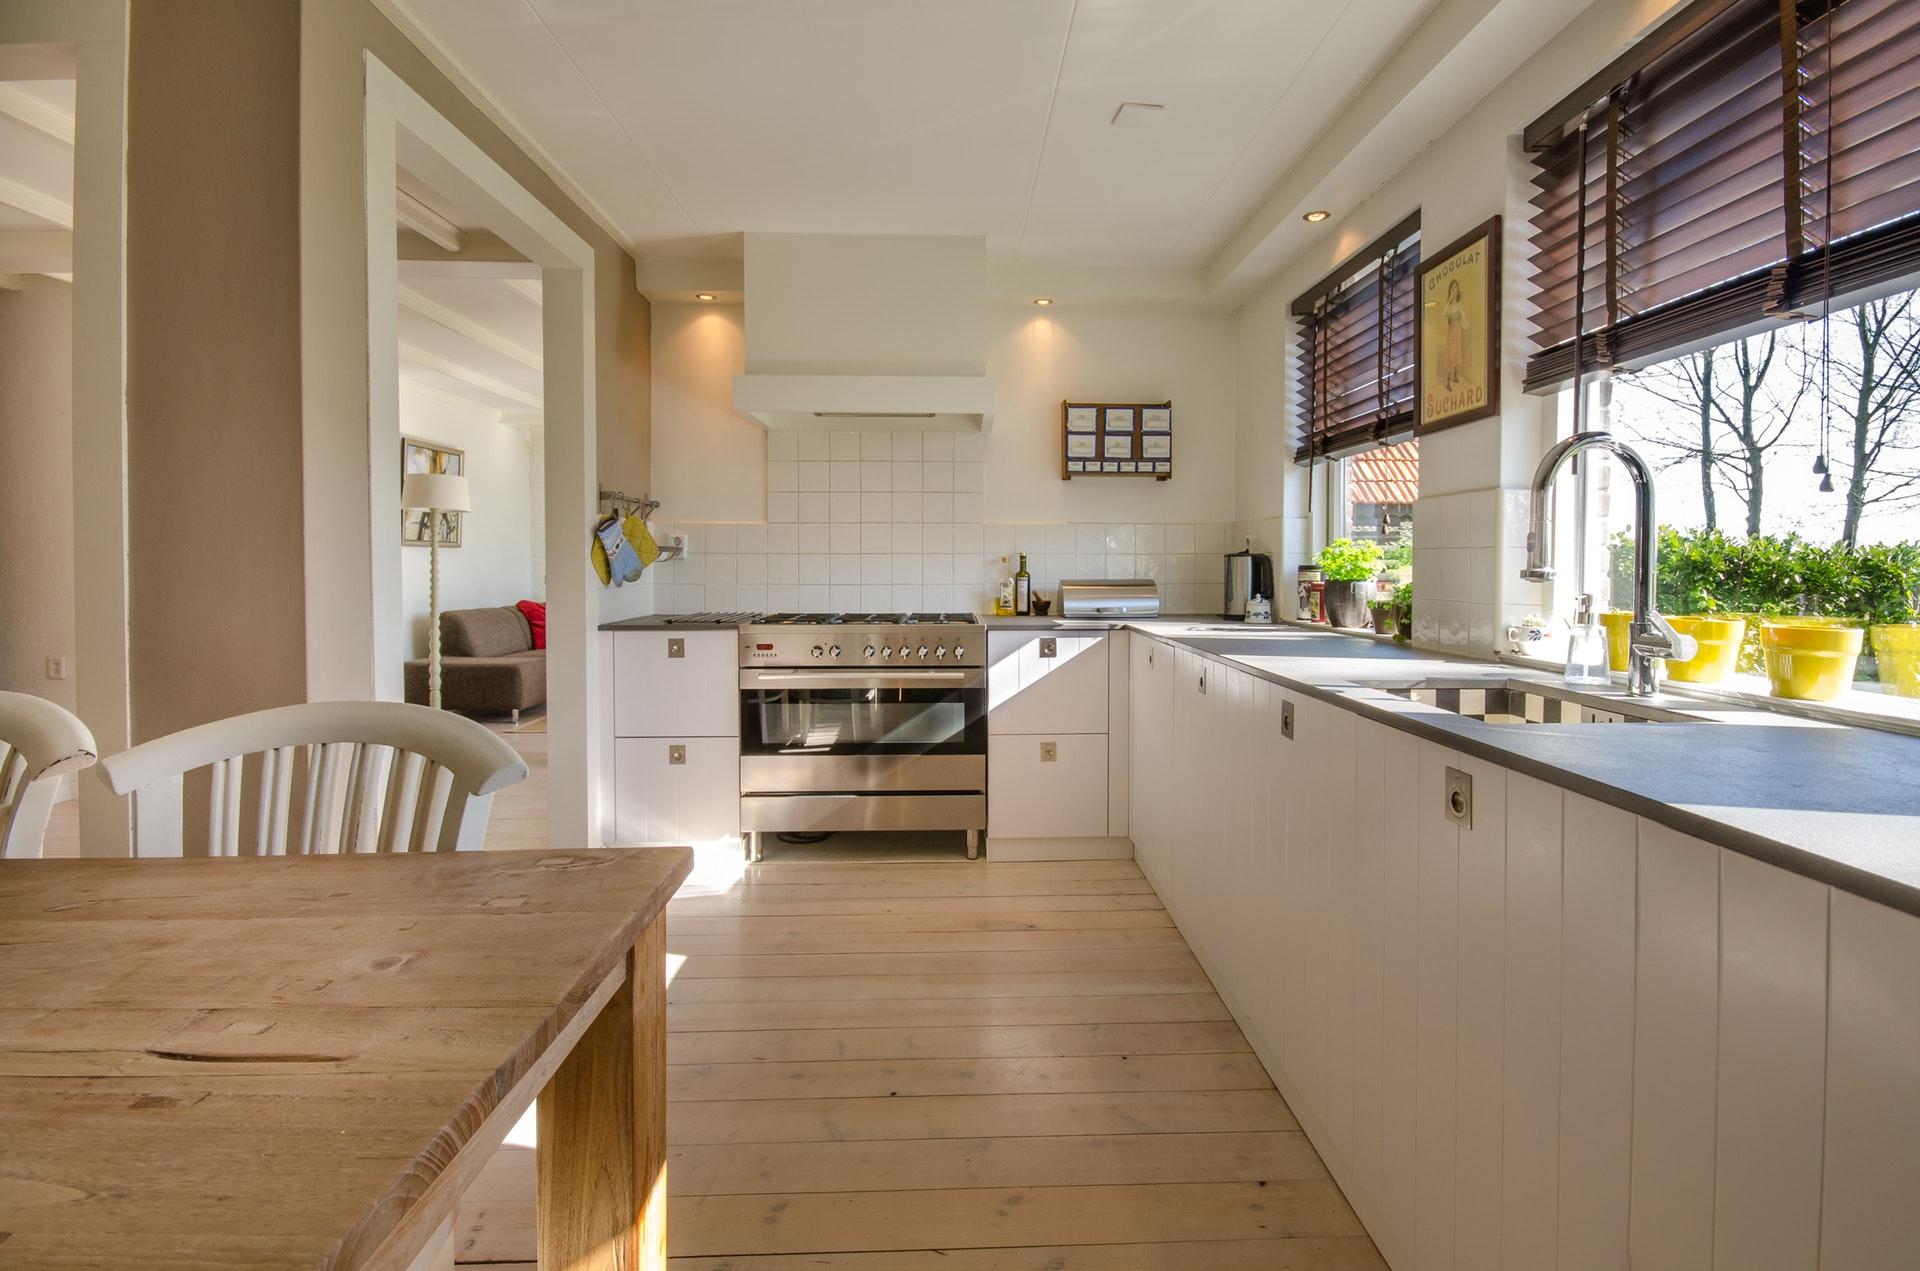 עיצוב הבית – איך מתחילים?